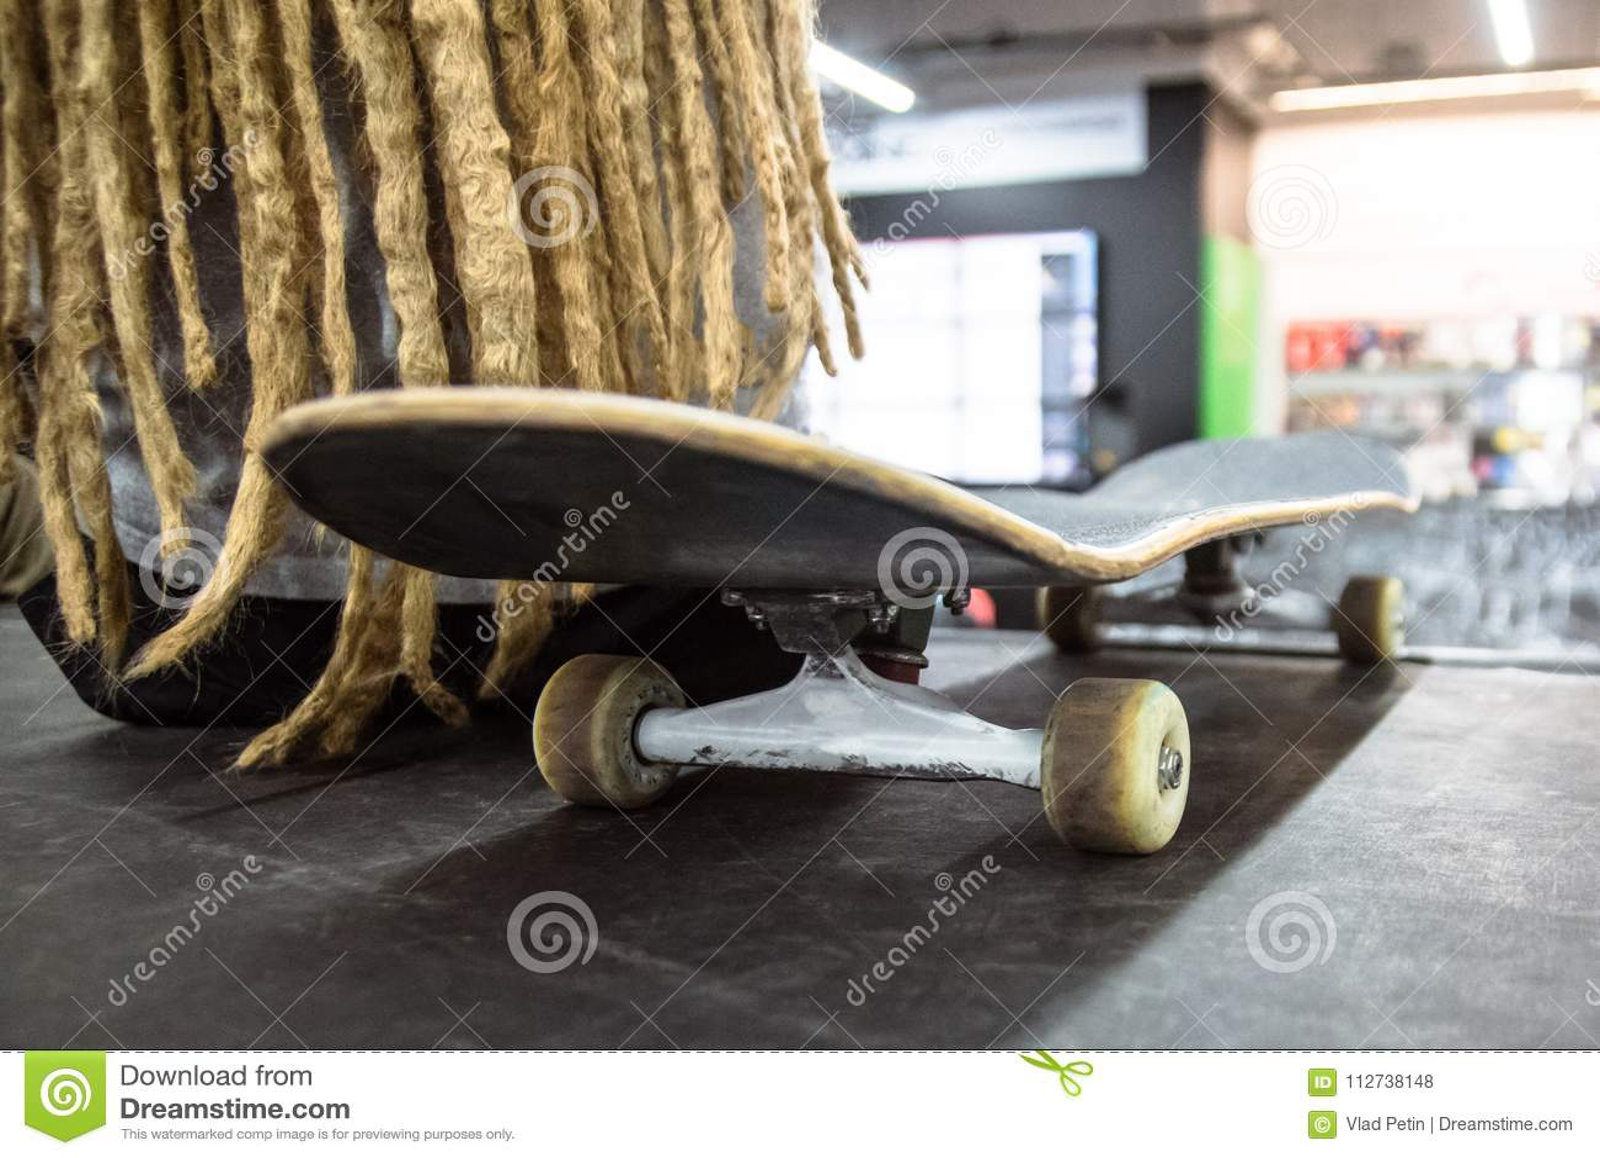 Feche Acima Das Peças Do Skate Foto de Stock - Imagem de atividade ... 43ca03151df